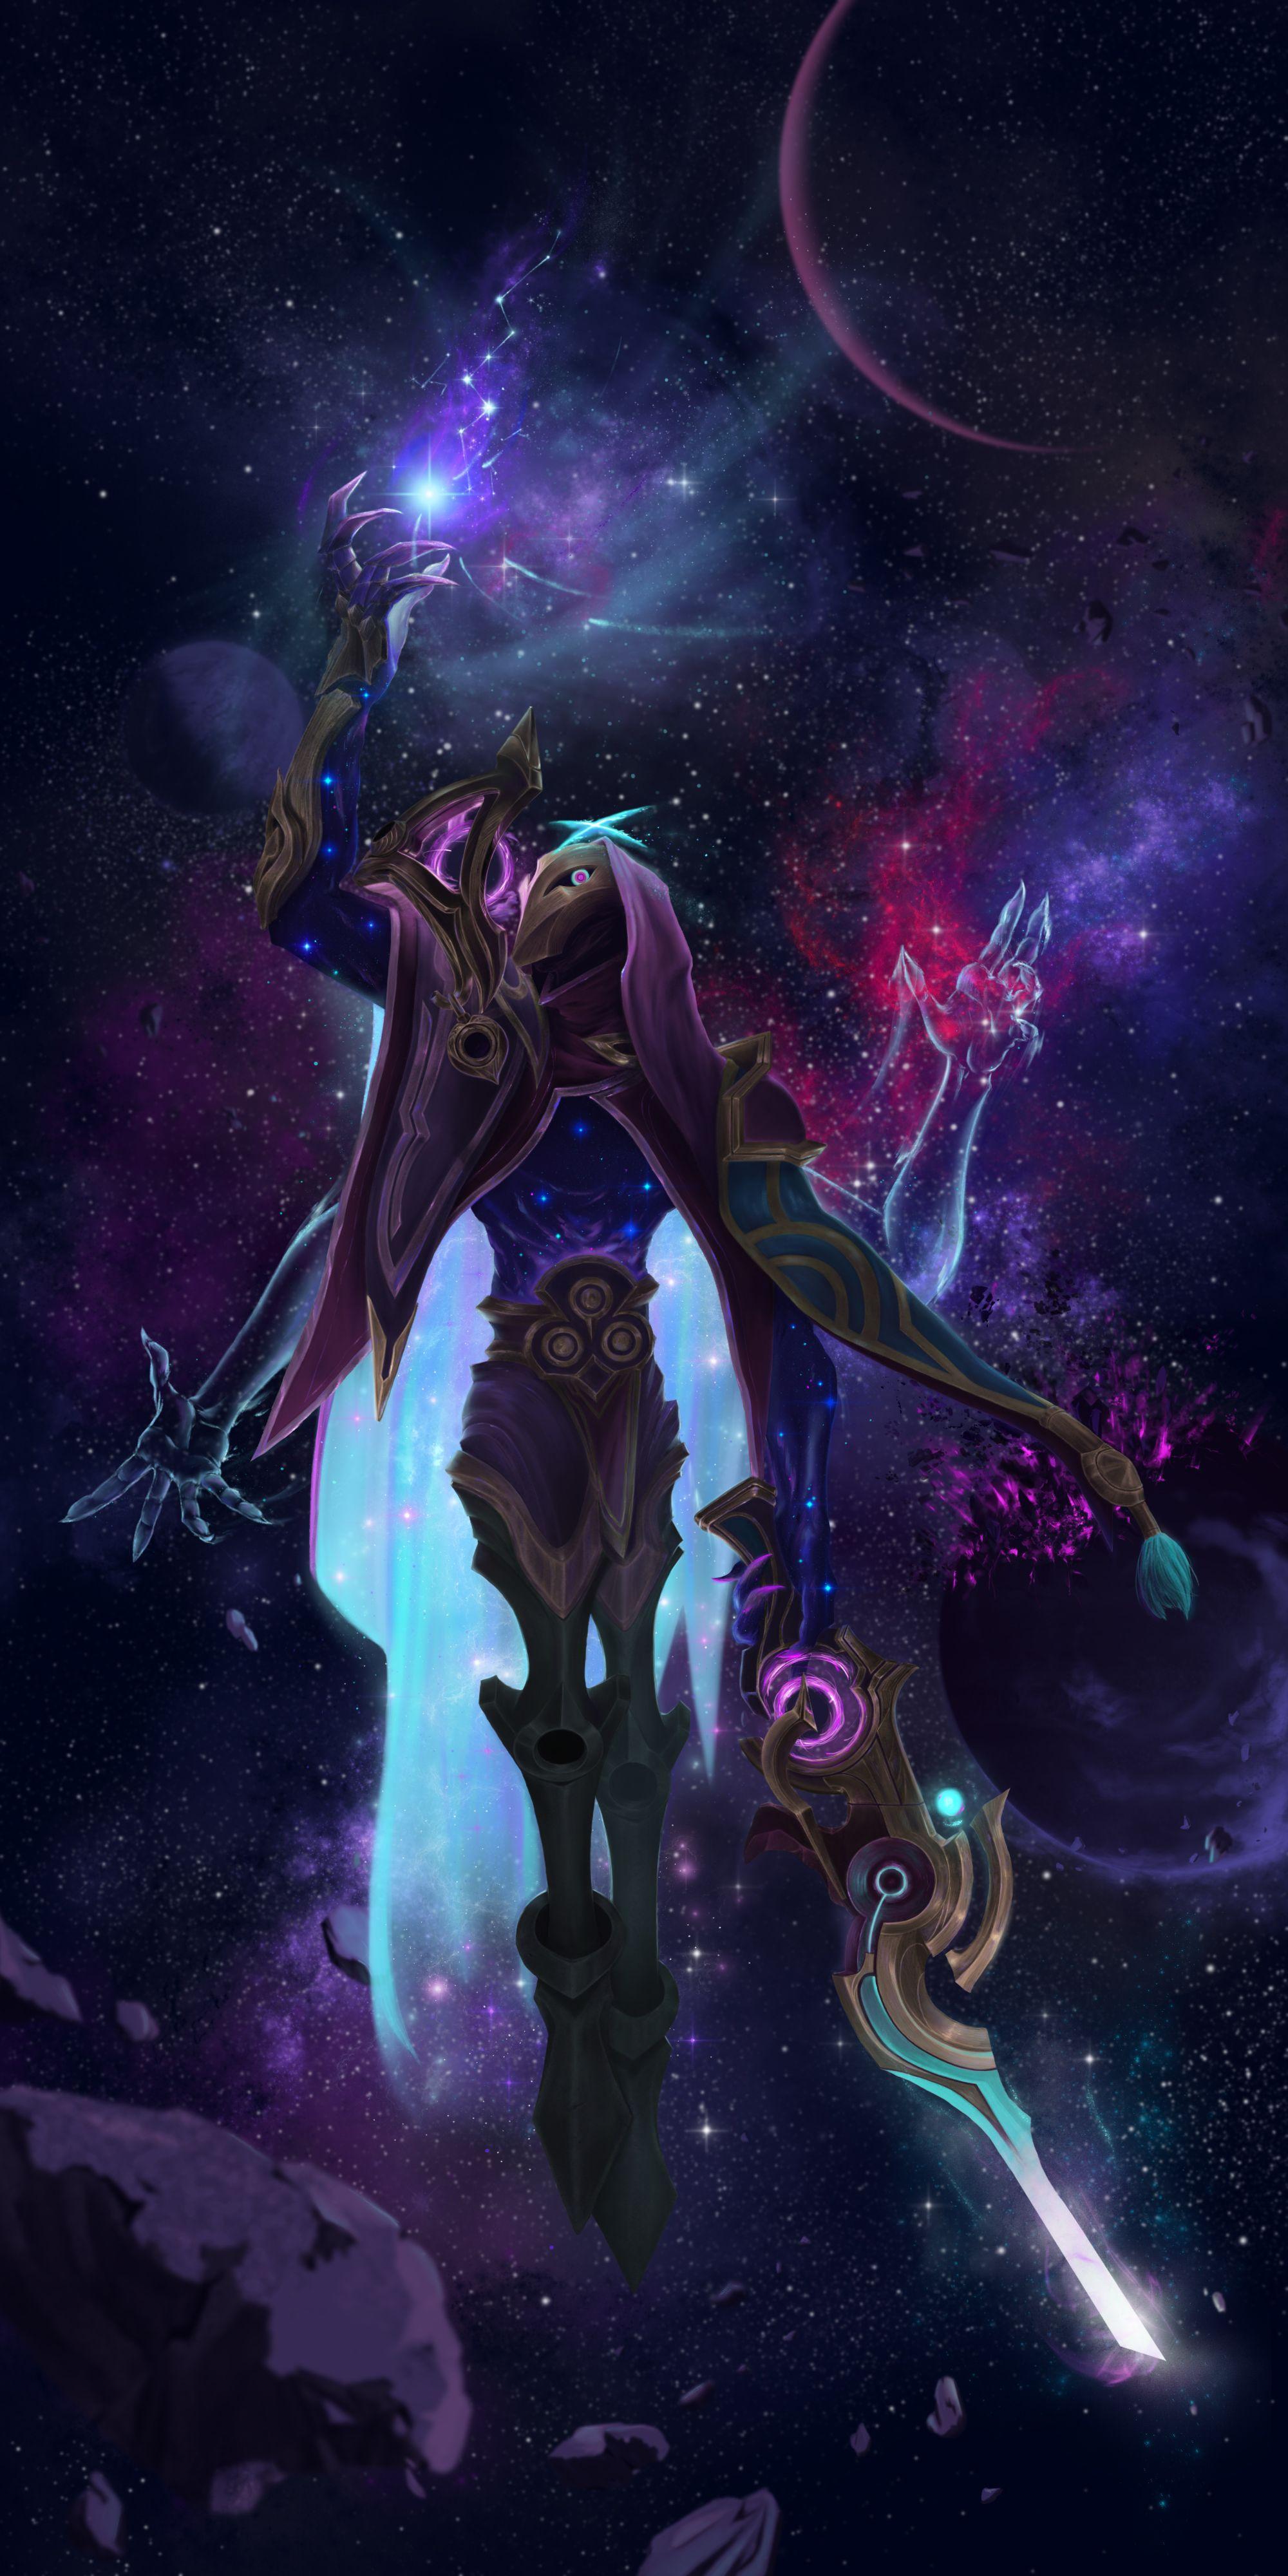 League Of Legends Dark Cosmic Jhin Fanart In 2021 Lol League Of Legends League Of Legends Jhin Champions League Of Legends